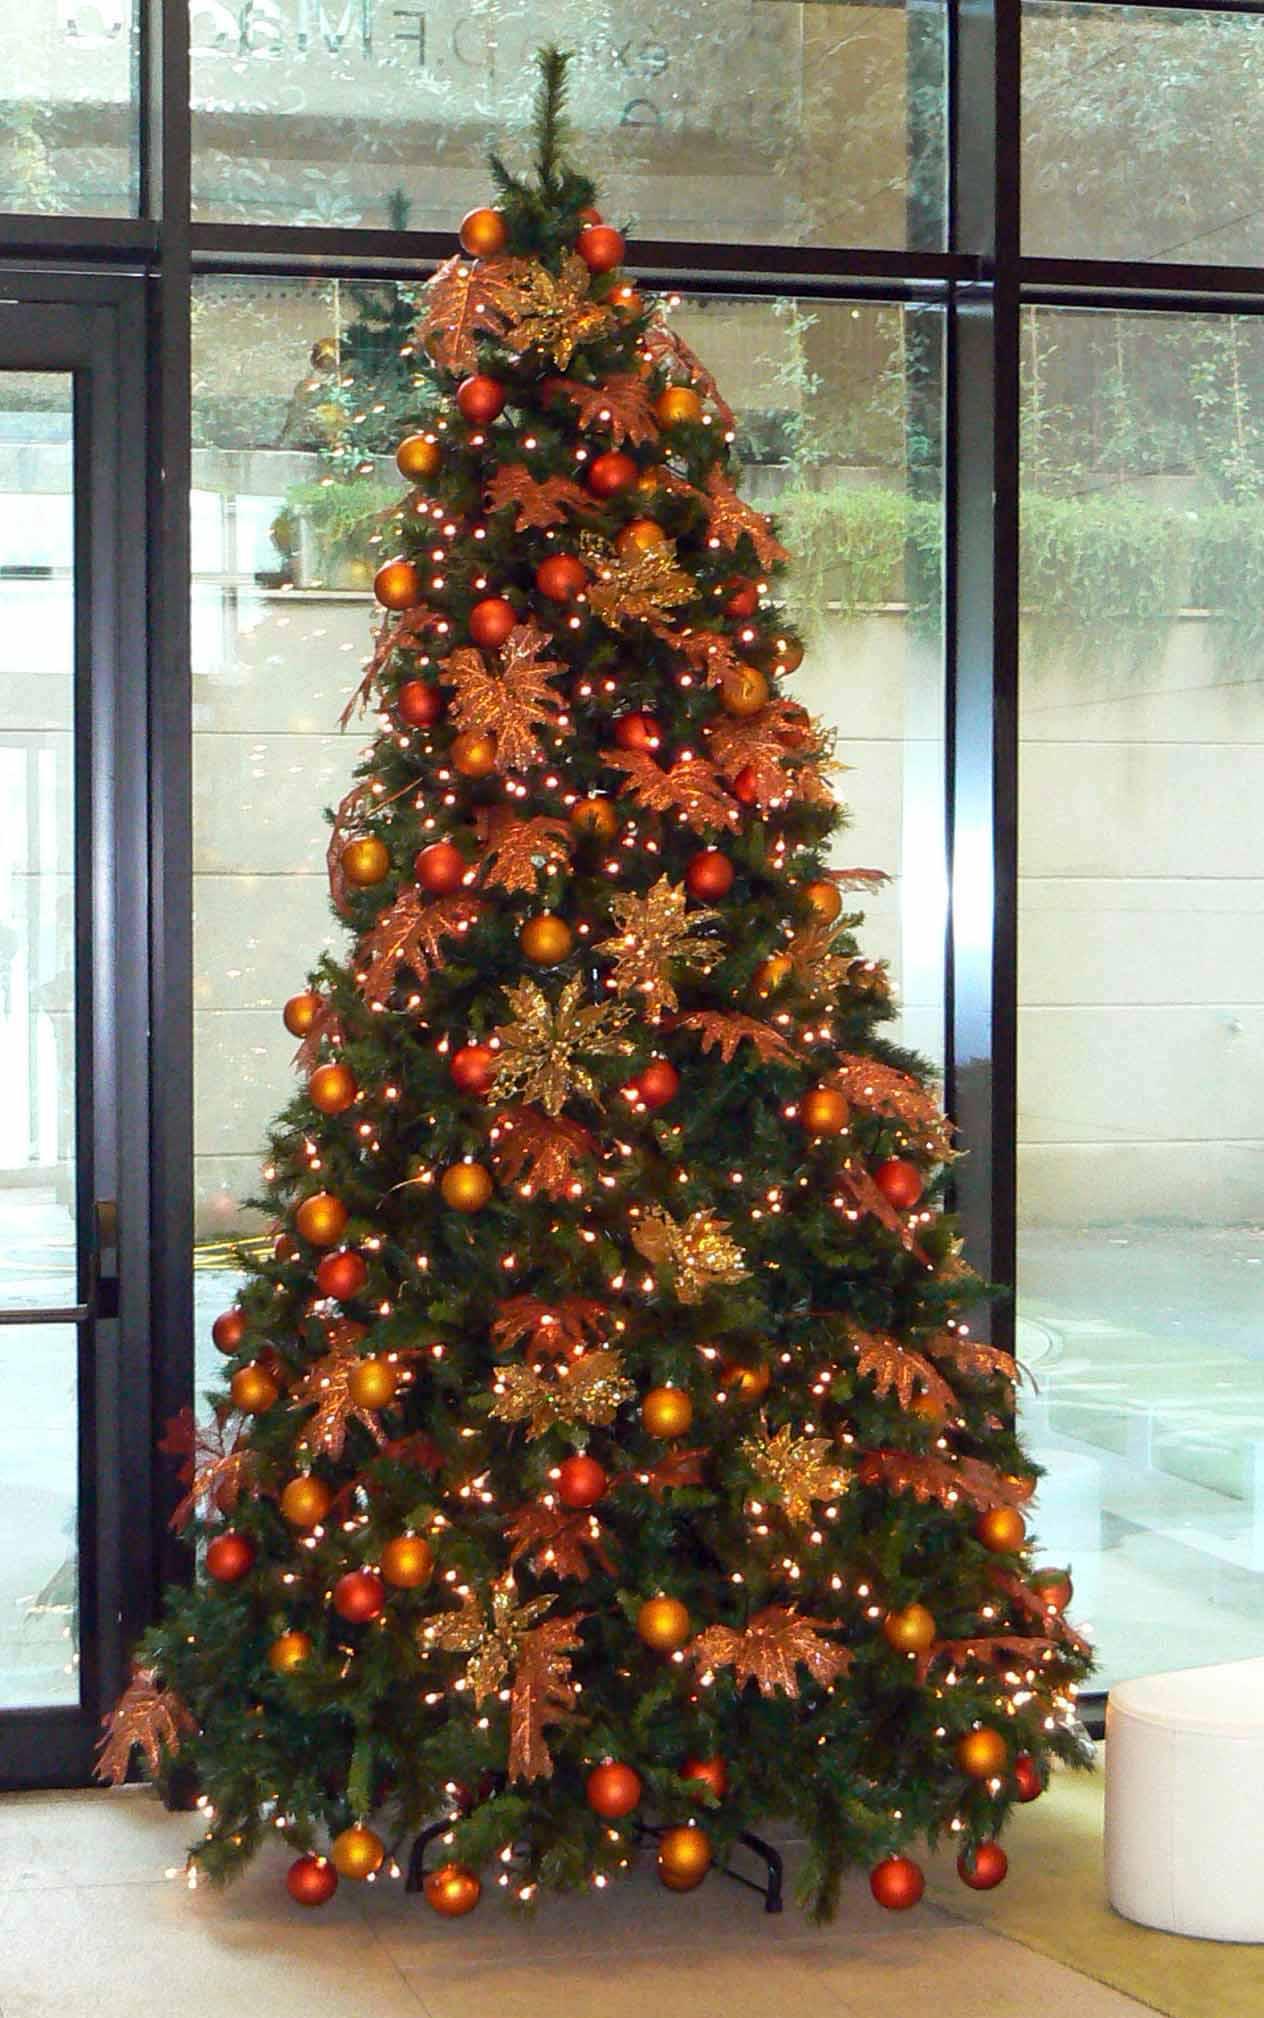 rboles Navidad color naranja BM rboles de Navidad